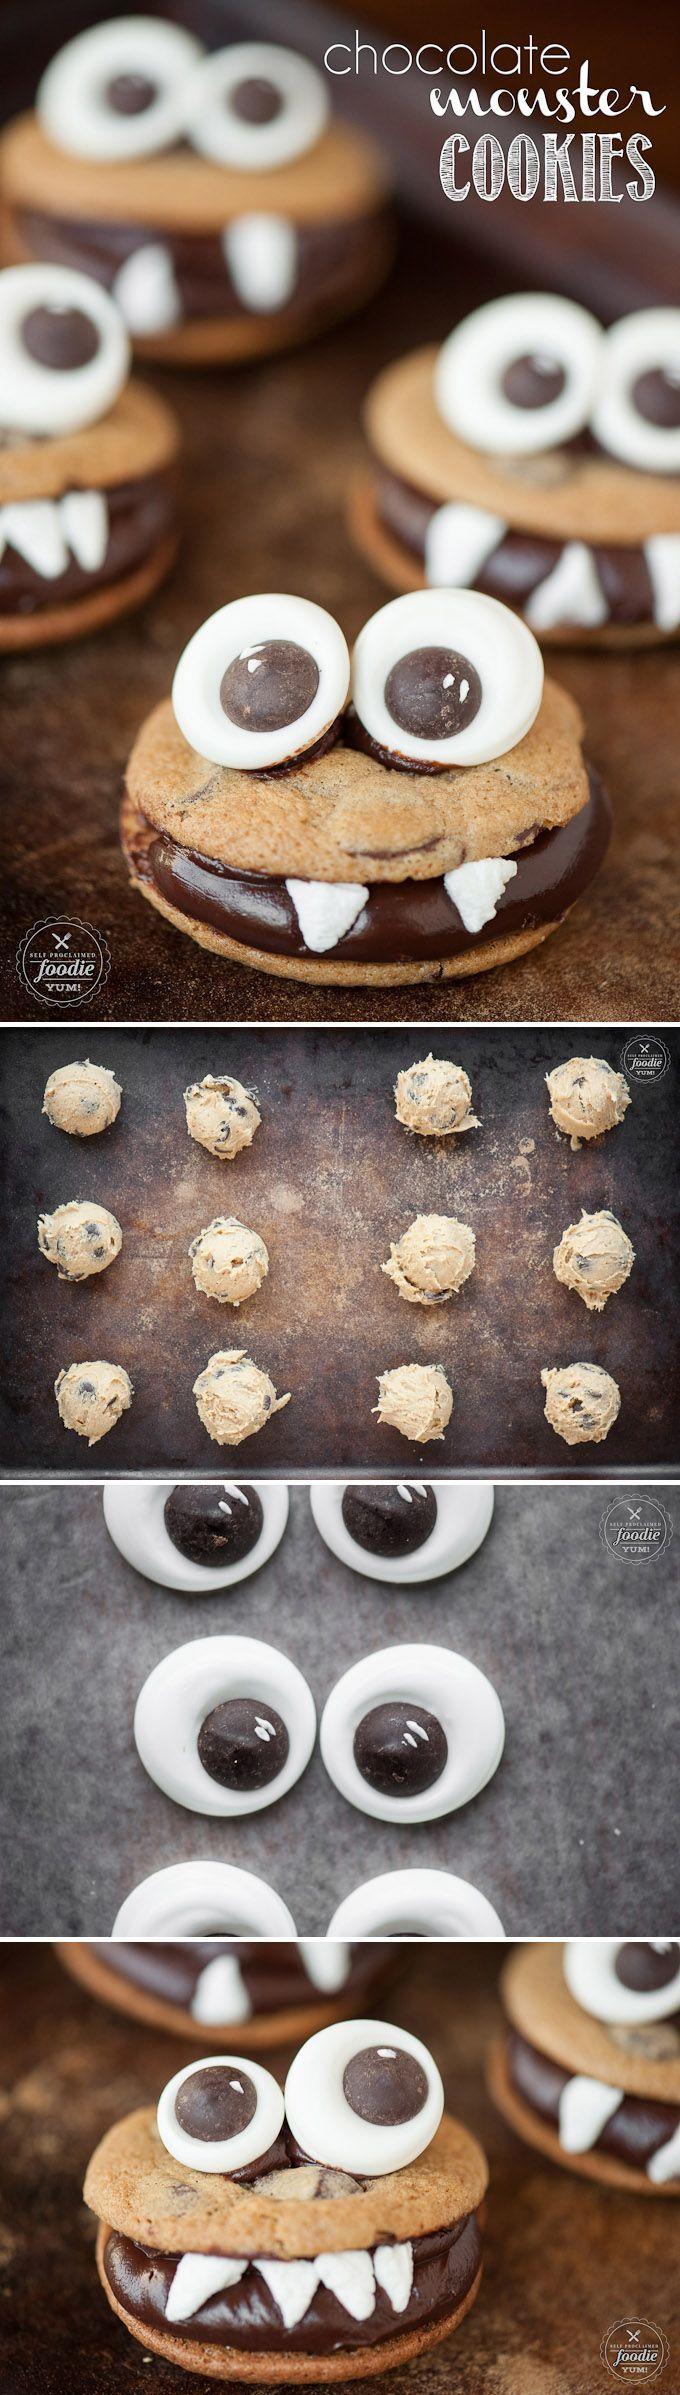 chocolate monster cookies halloween dessertshalloween - Dessert Halloween